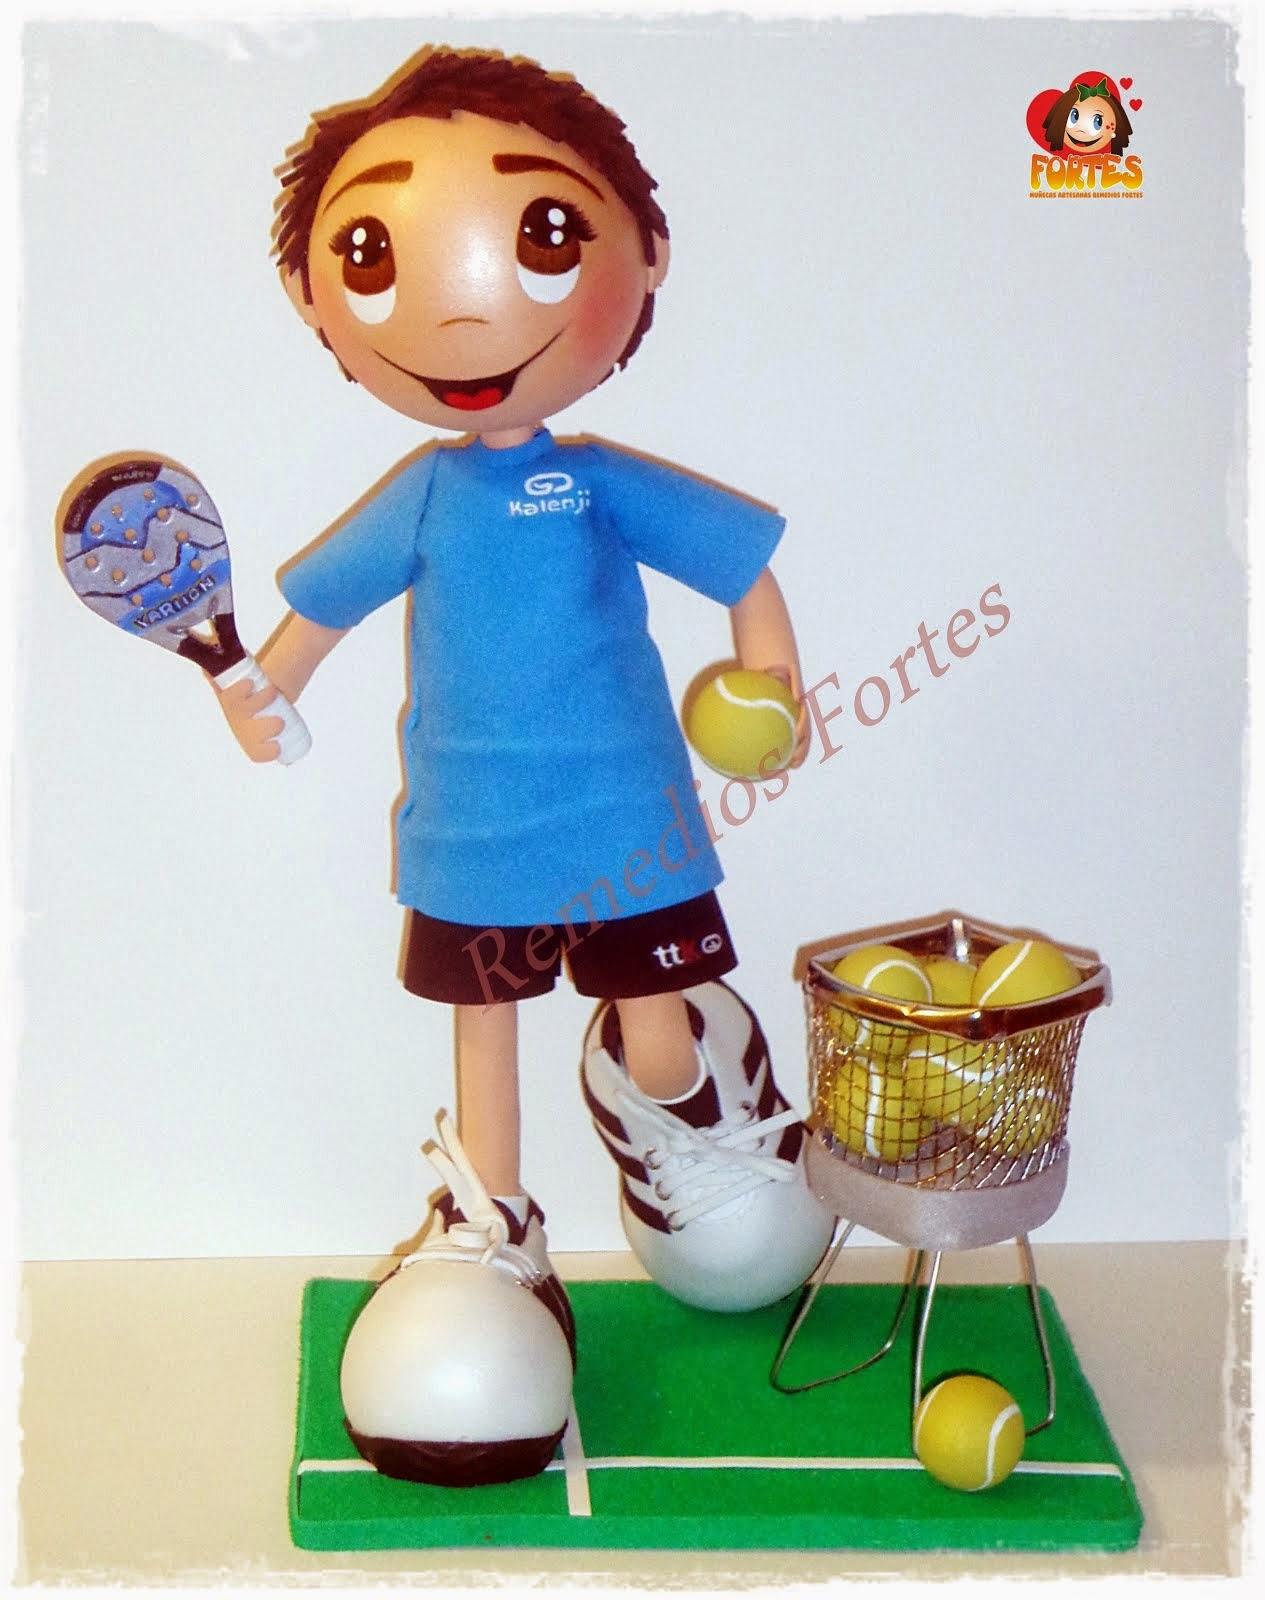 Jose Luis, jugador de padel